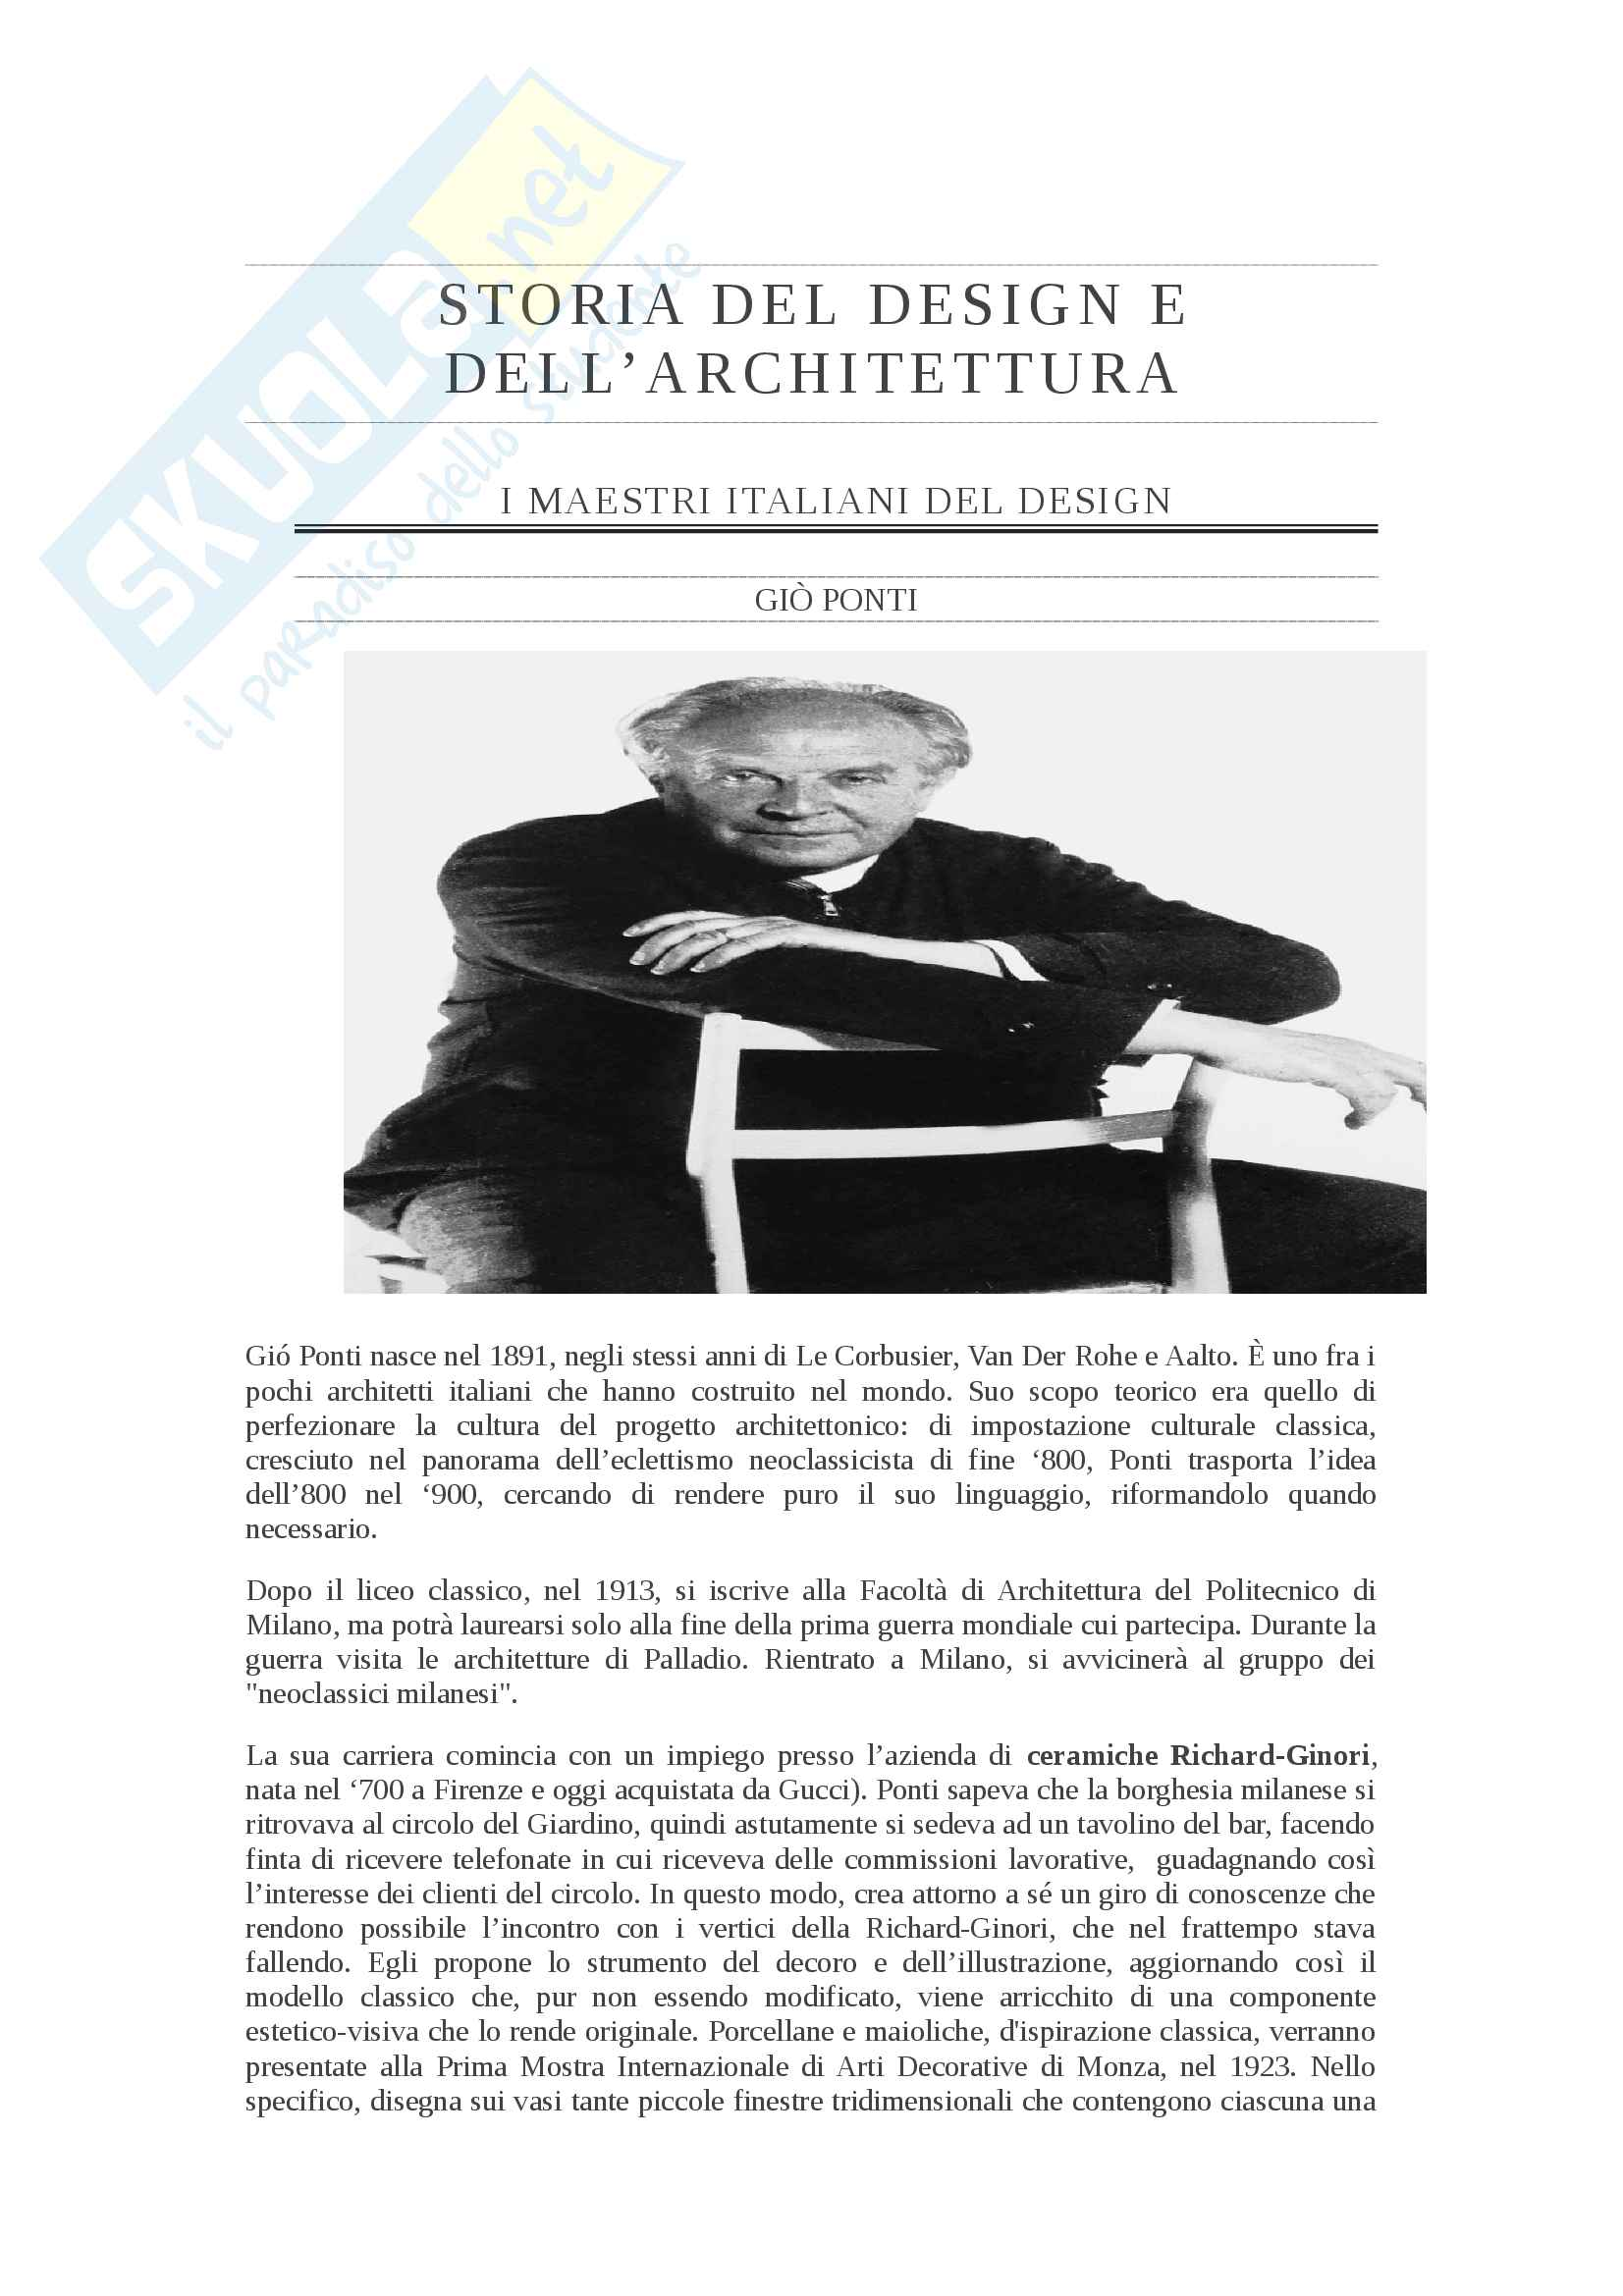 Appunti sui Maestri Italiani del Design (Mendini, Sottsass, Ponti, Mari, Munari, Castiglioni)